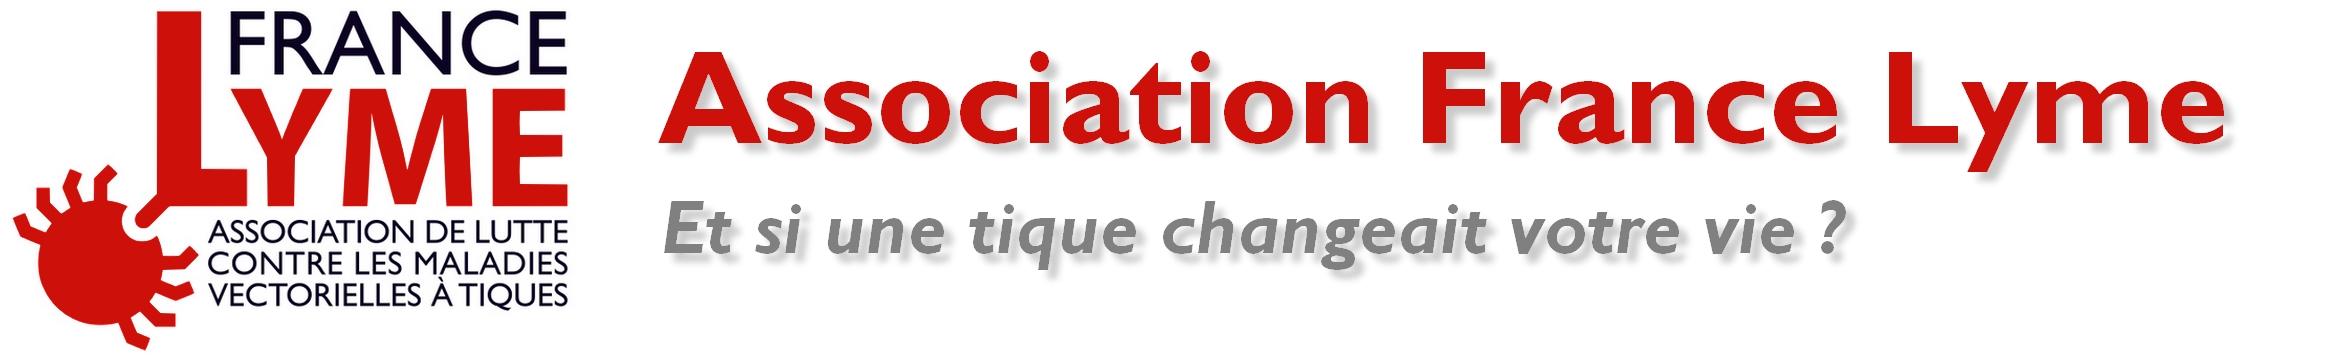 Association France Lyme